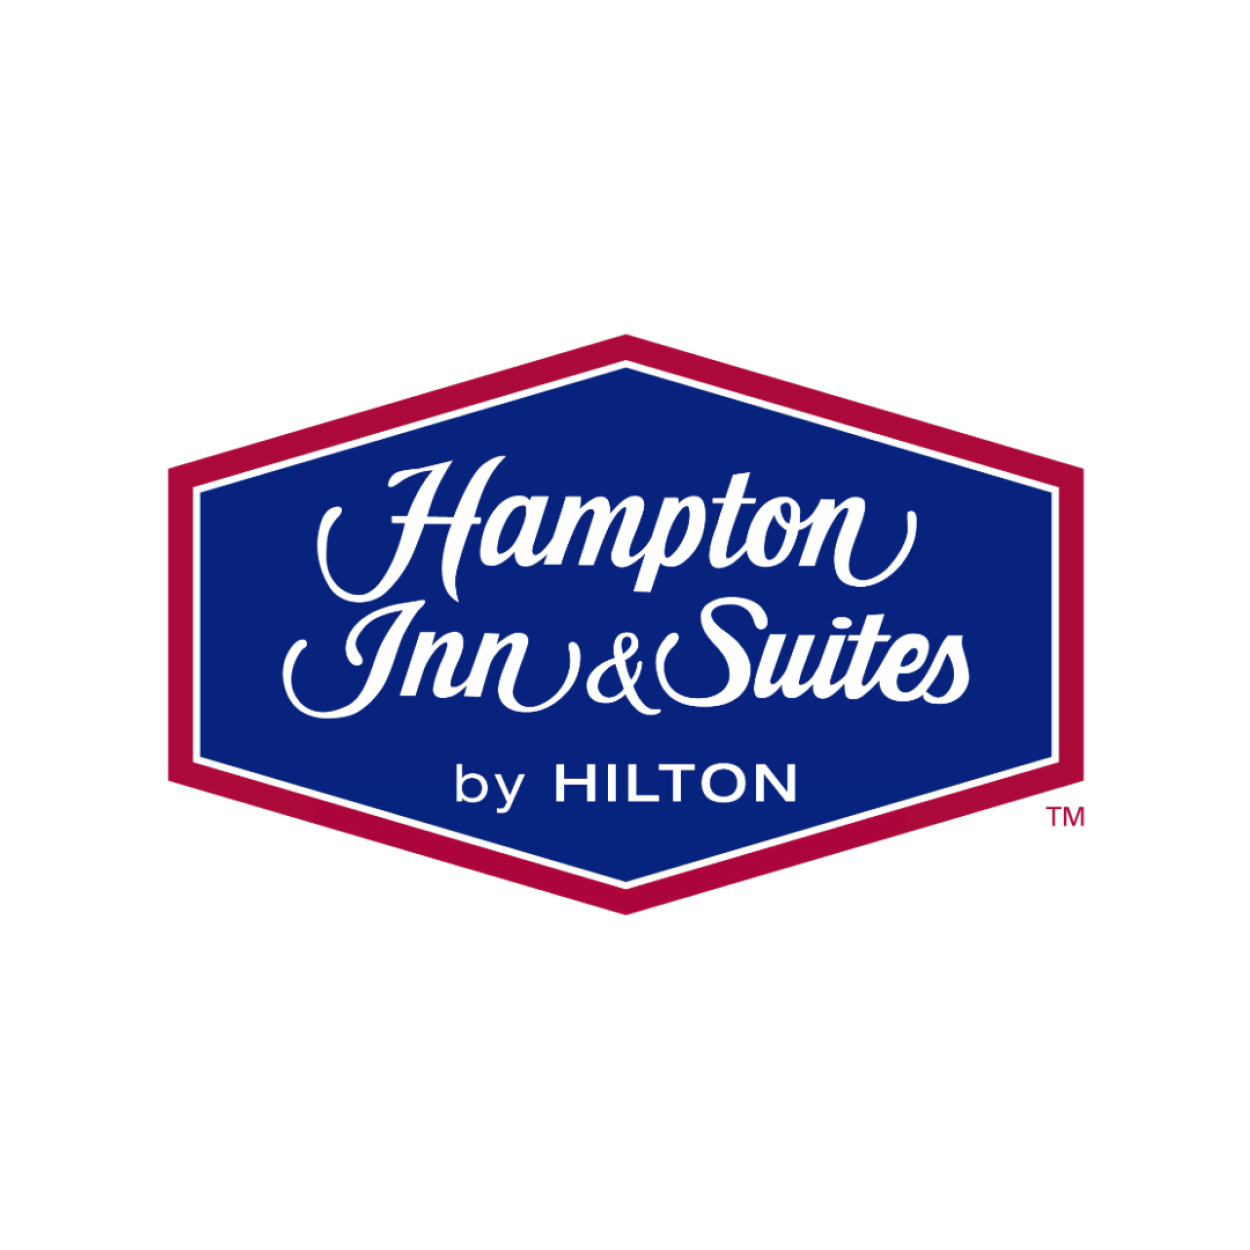 718 NOCTURNAL CITIES Hotel logos_V12.jpg